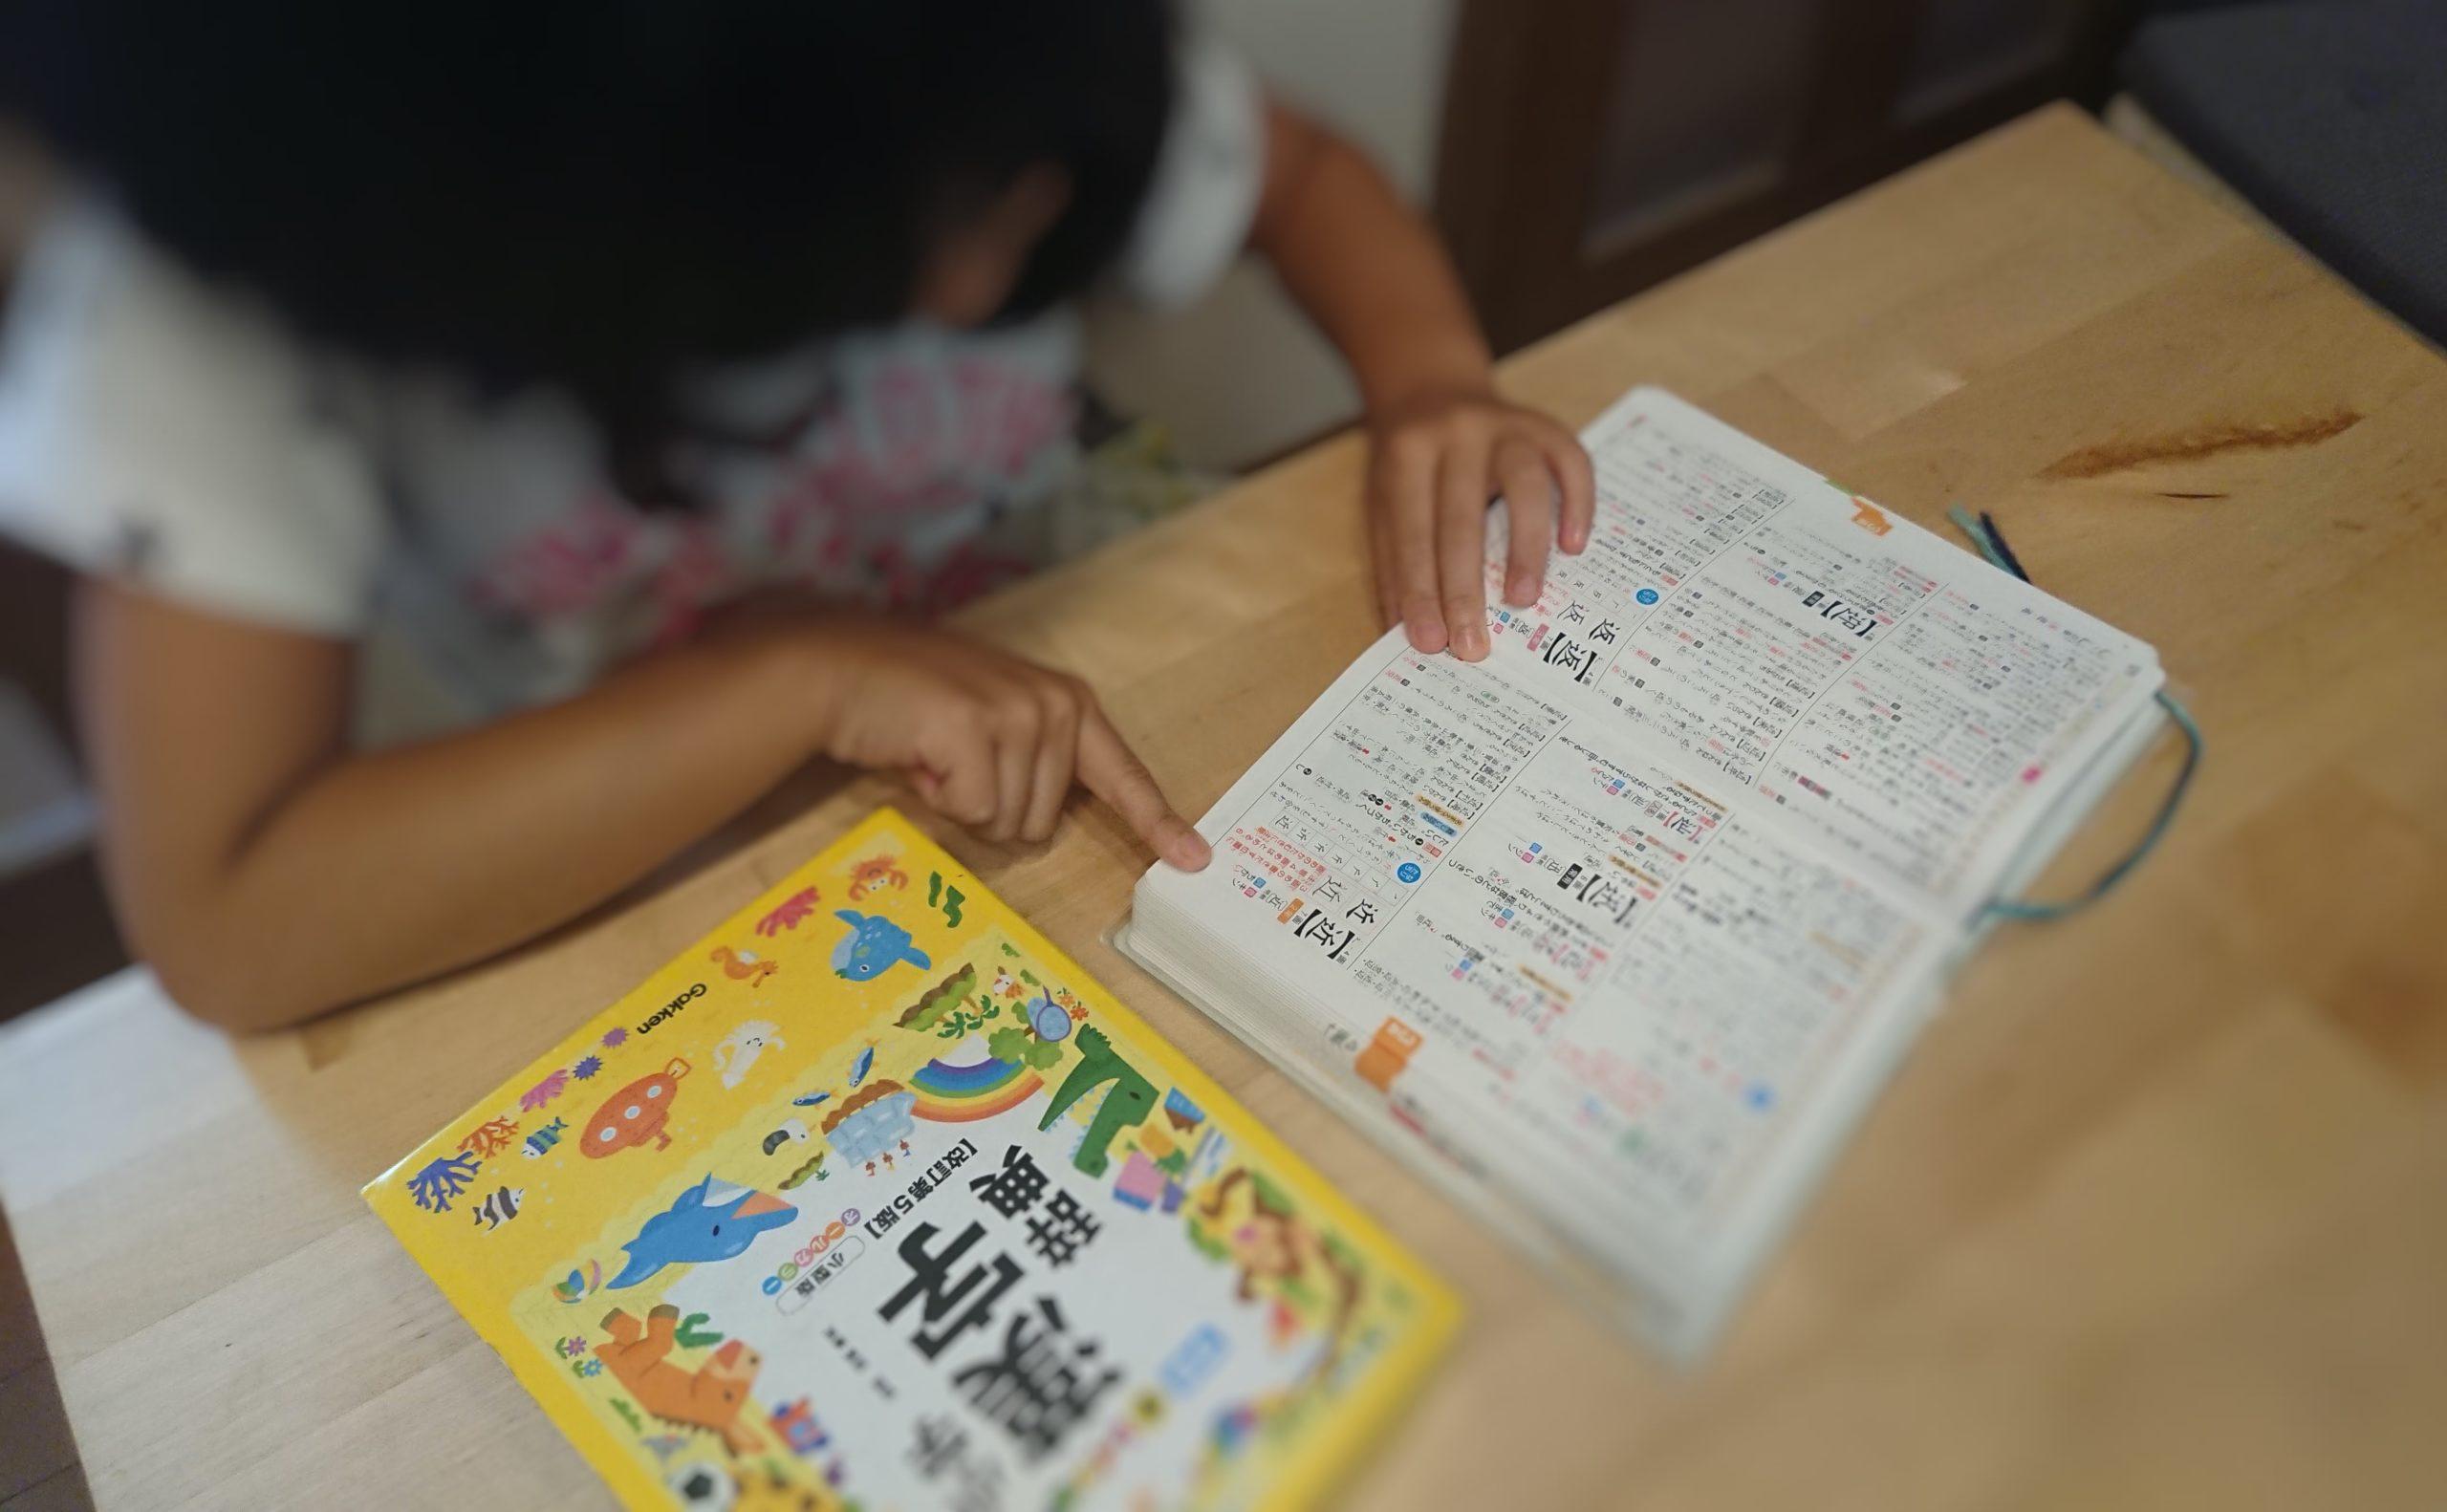 小学生が漢字辞書を使っているところ